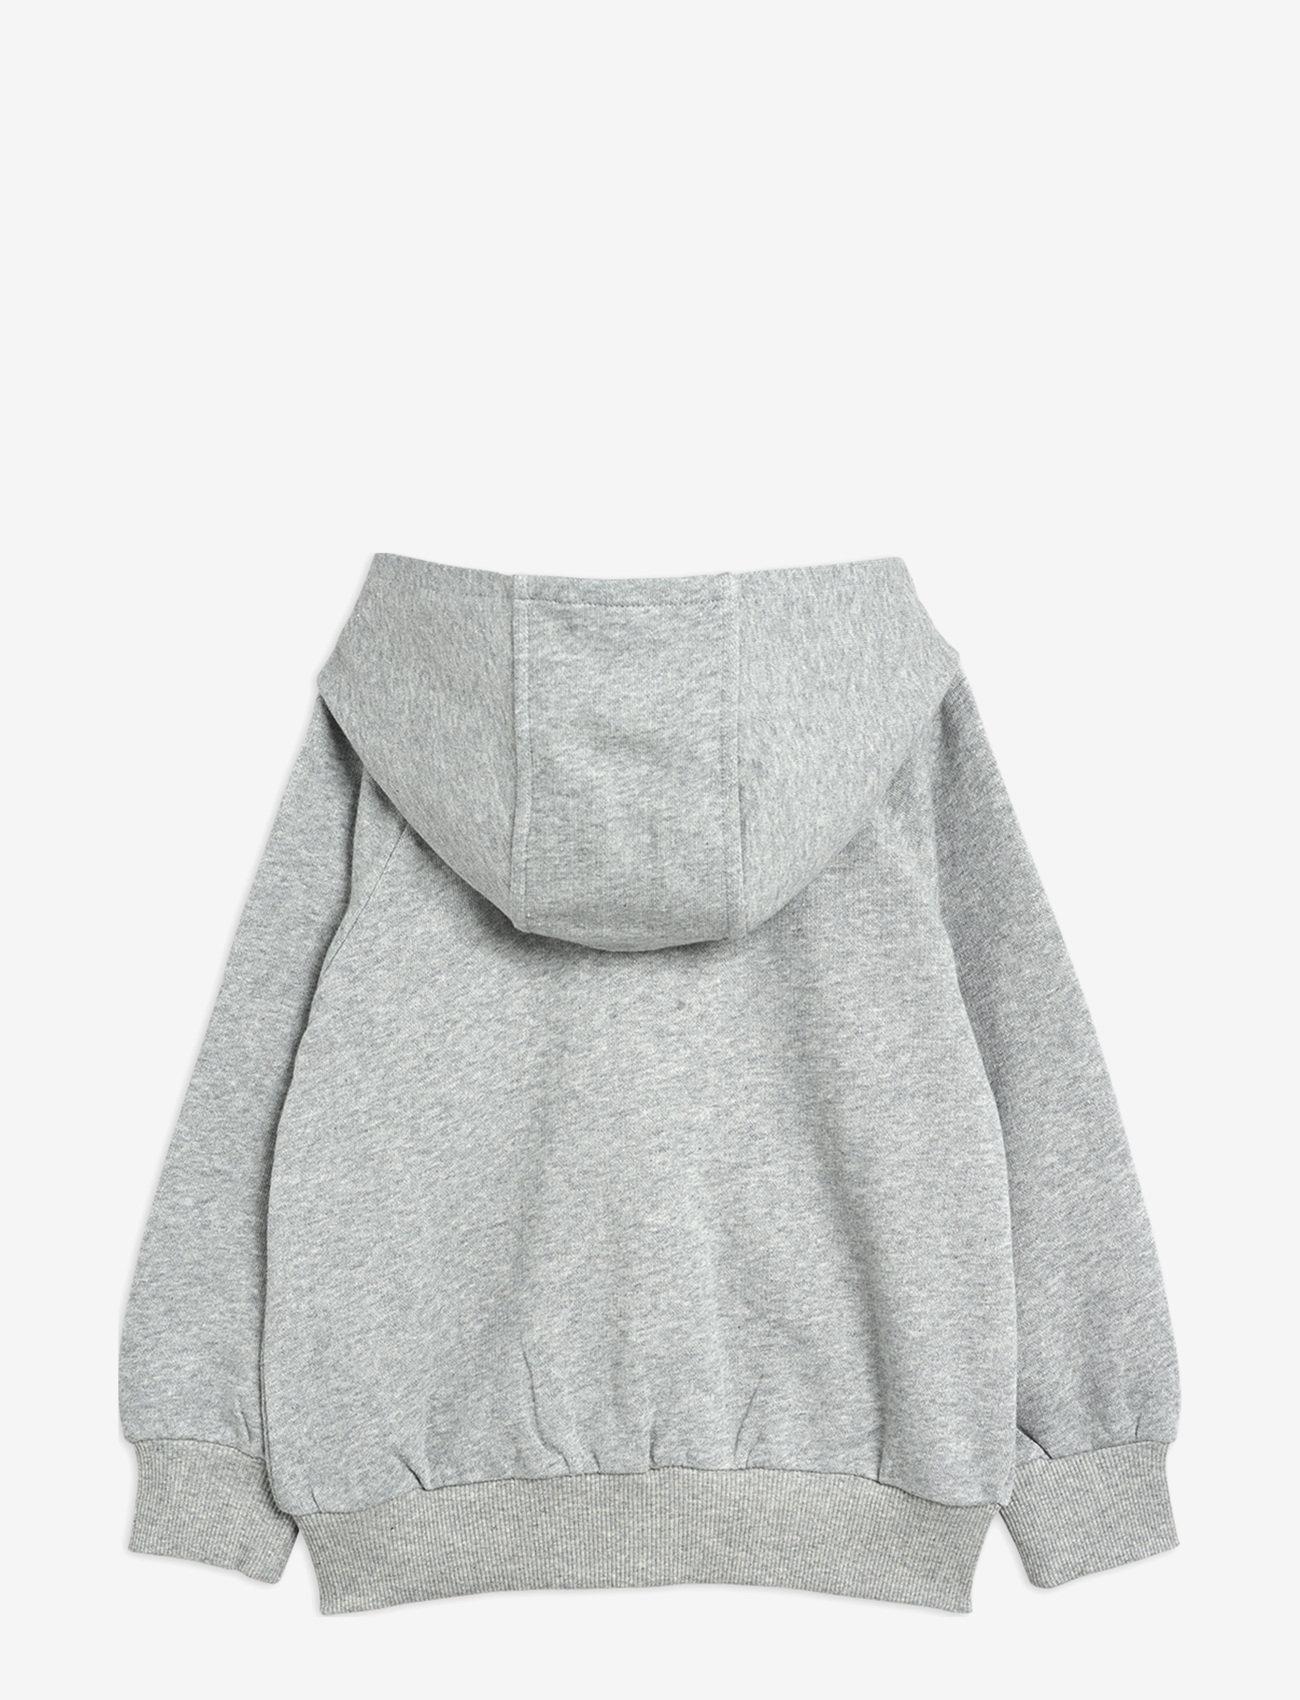 Mini Rodini - Tiger sp zip hoodie - sweatshirts & hoodies - grey melange - 1